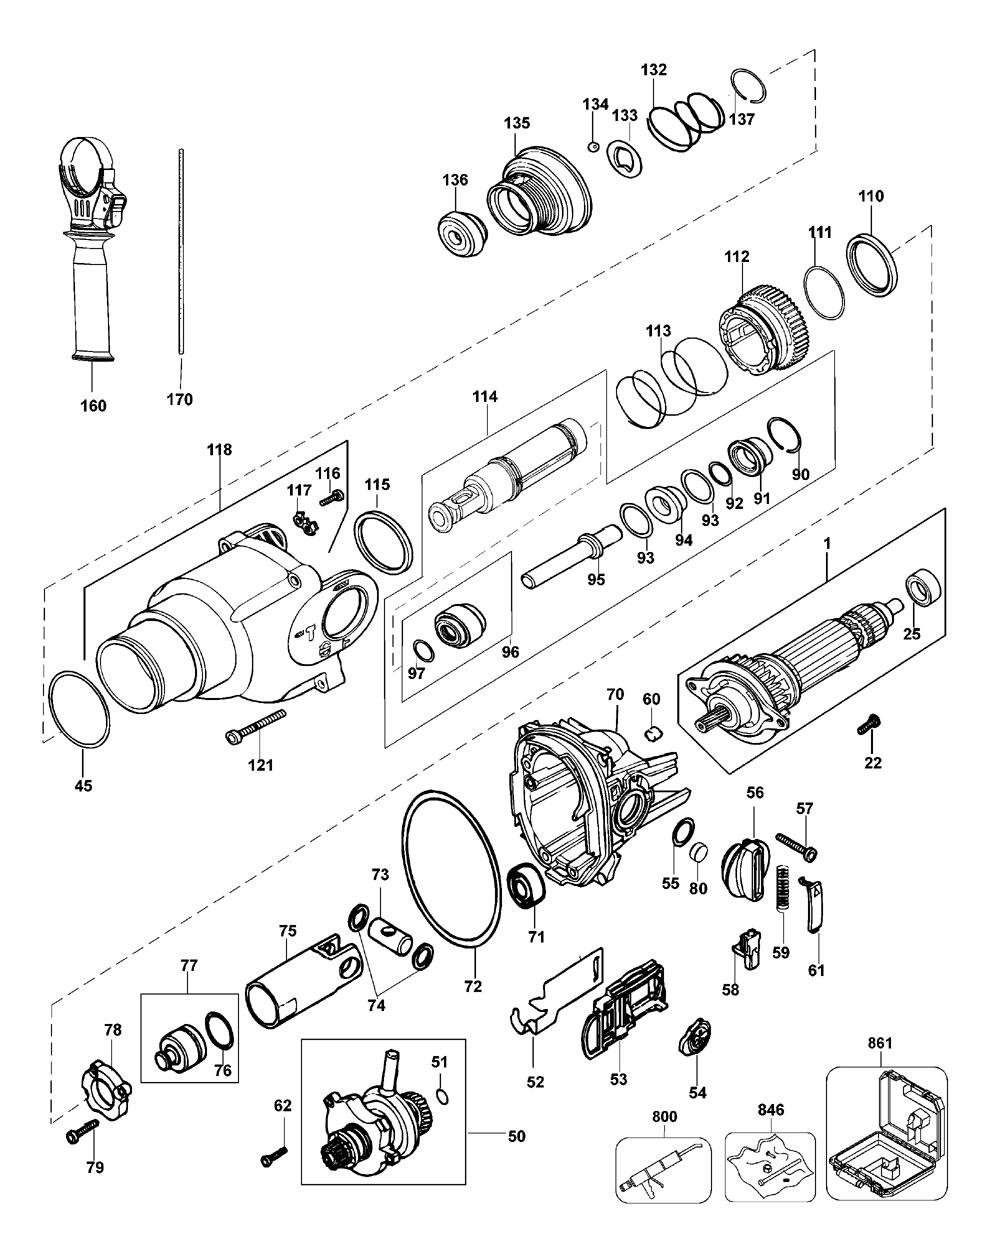 D25103KAR-Dewalt-T2-PB-1Break Down